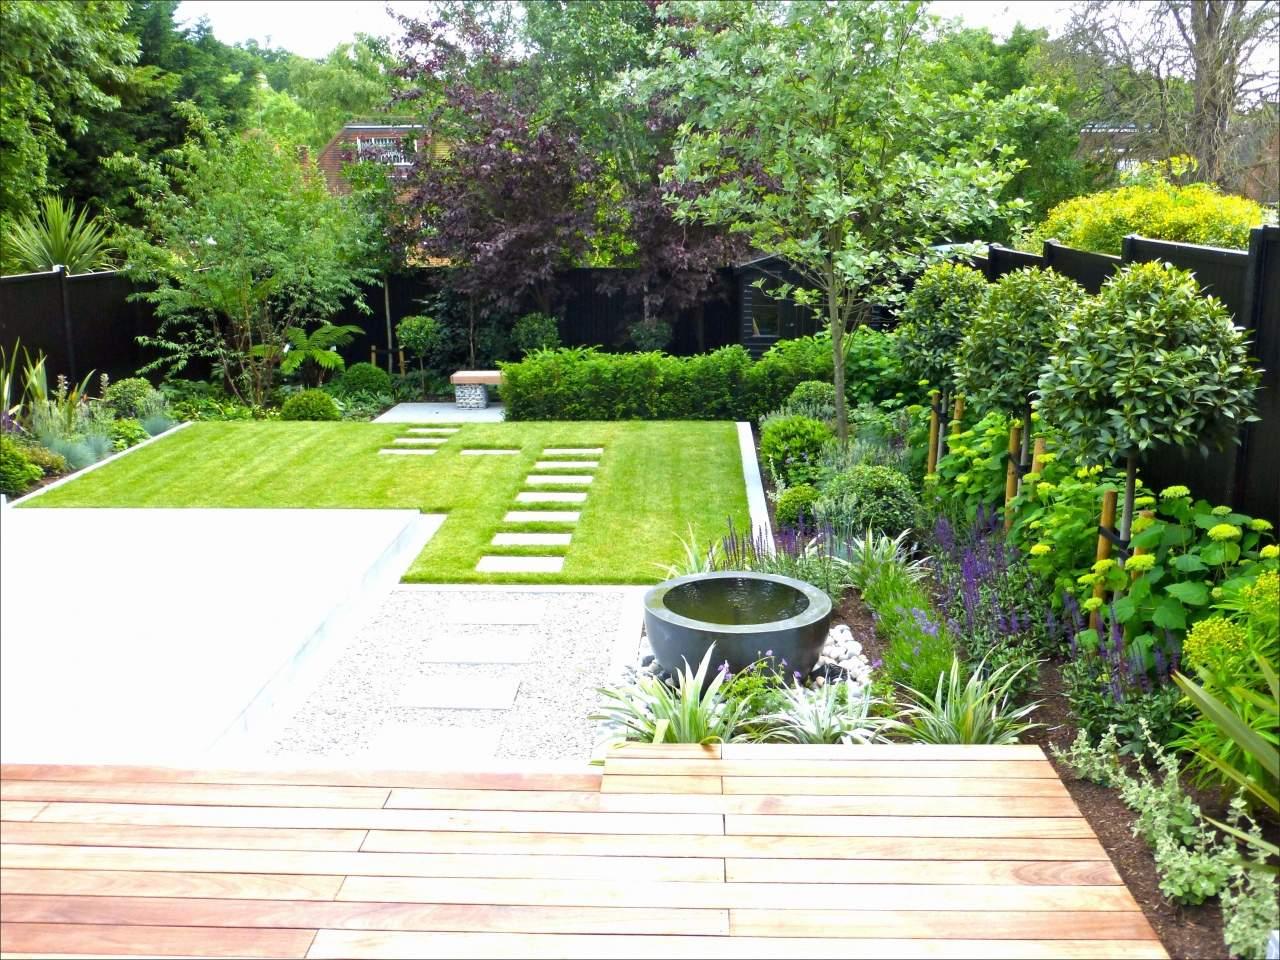 diy garten ideen inspirierend diy garden sculpture ideas lorenzo sculptures of diy garten ideen